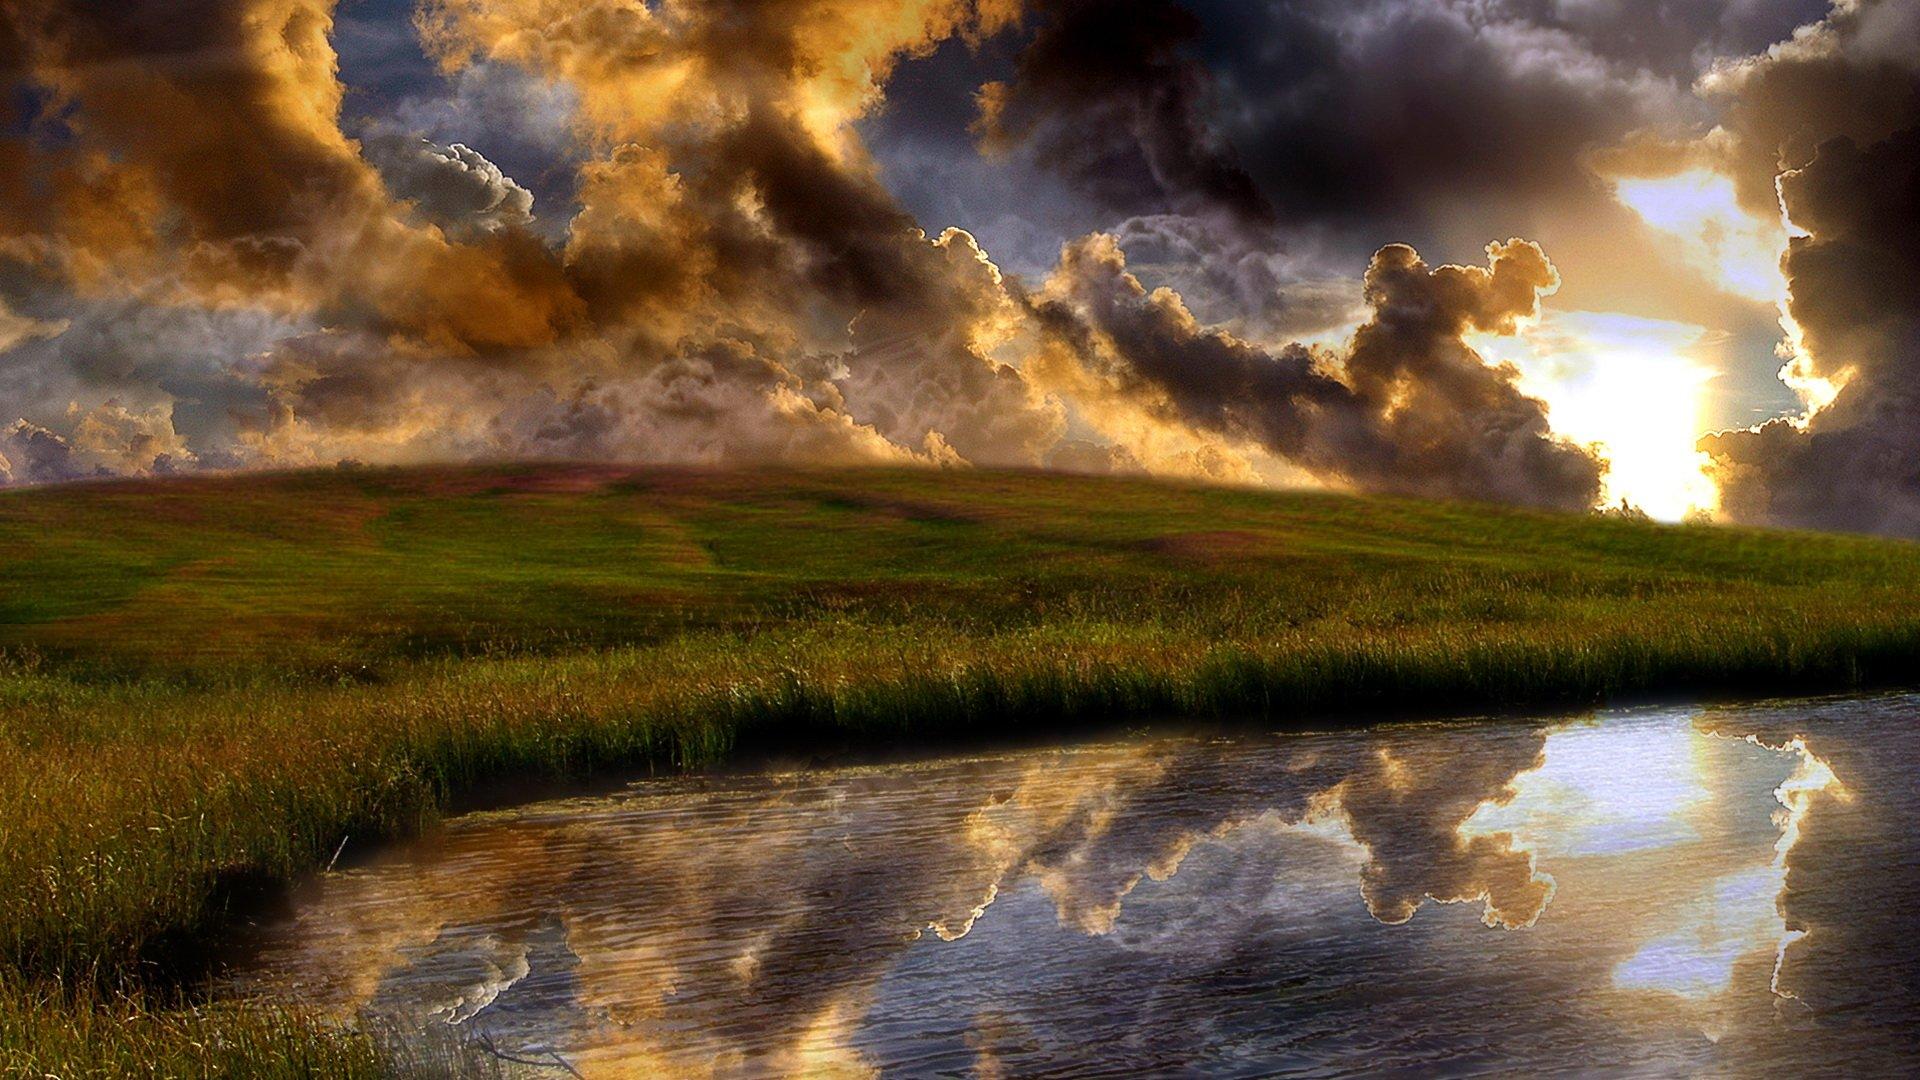 Earth - Landscape  Wallpaper